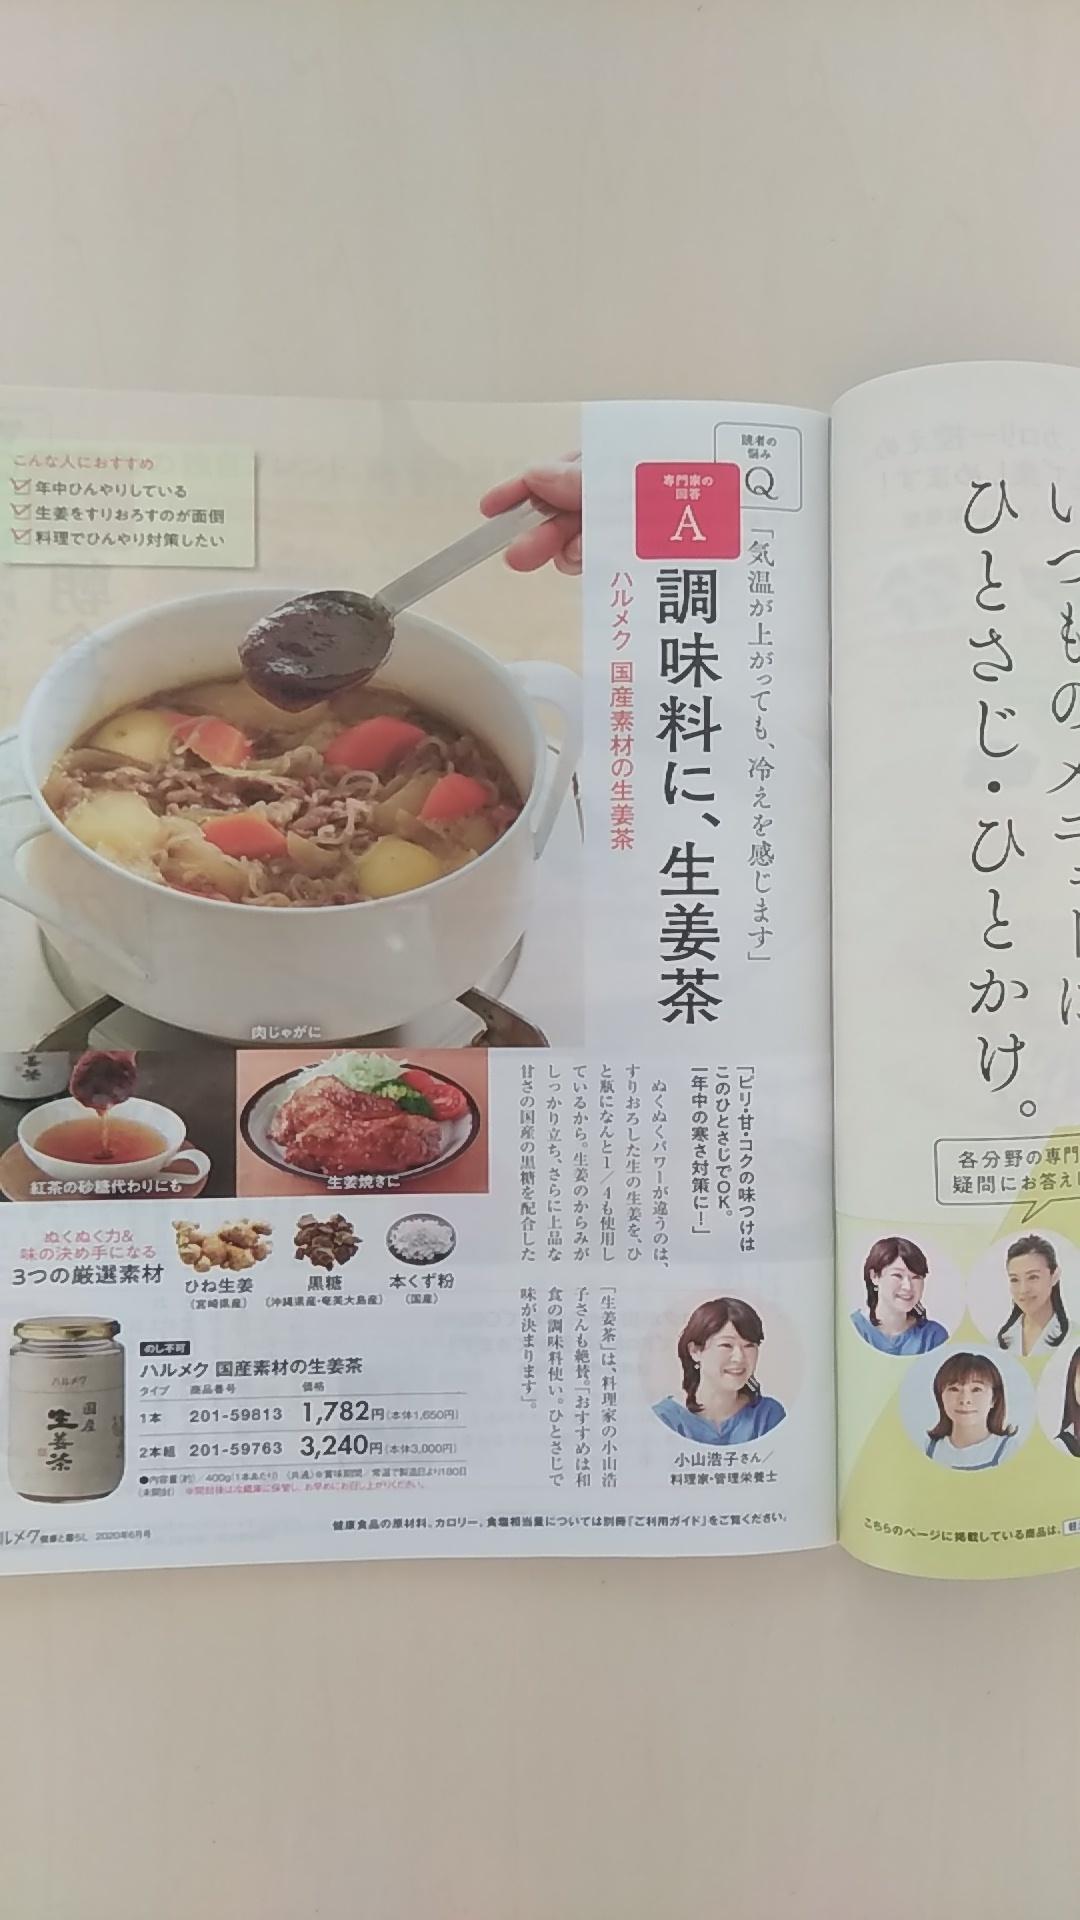 ハルメク健康と暮らし六月号で私も愛用している生姜茶についてコメント紹介して頂いています♪_b0204930_09363509.jpg